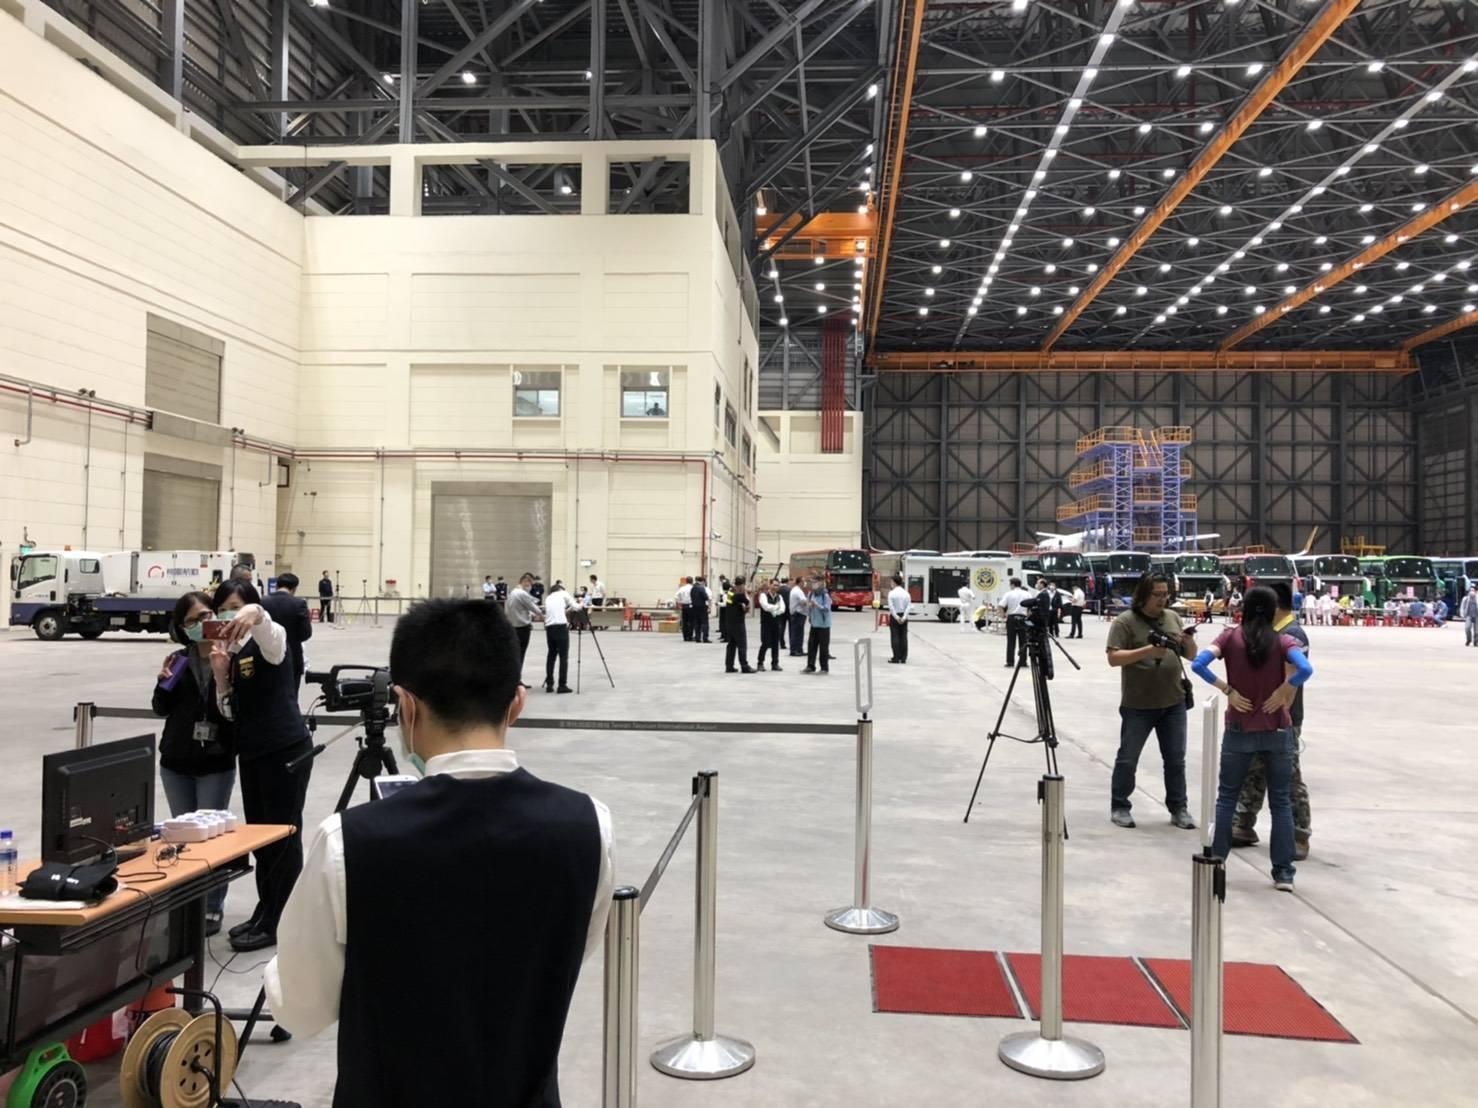 今年3月底,彭楚芸前往松山機場協助檢疫工作。